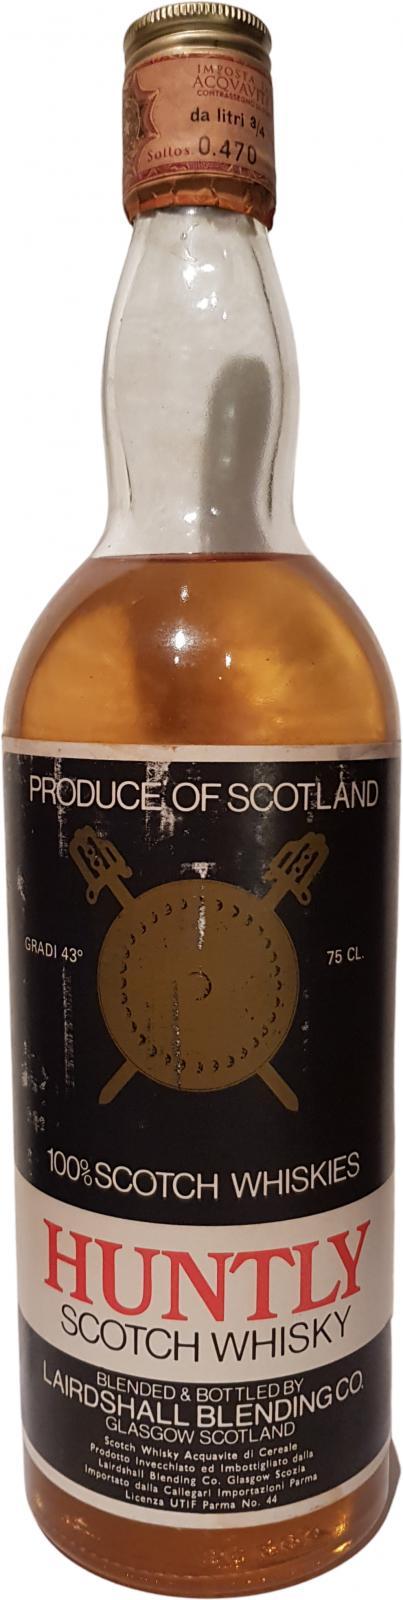 Huntly Scotch Whisky